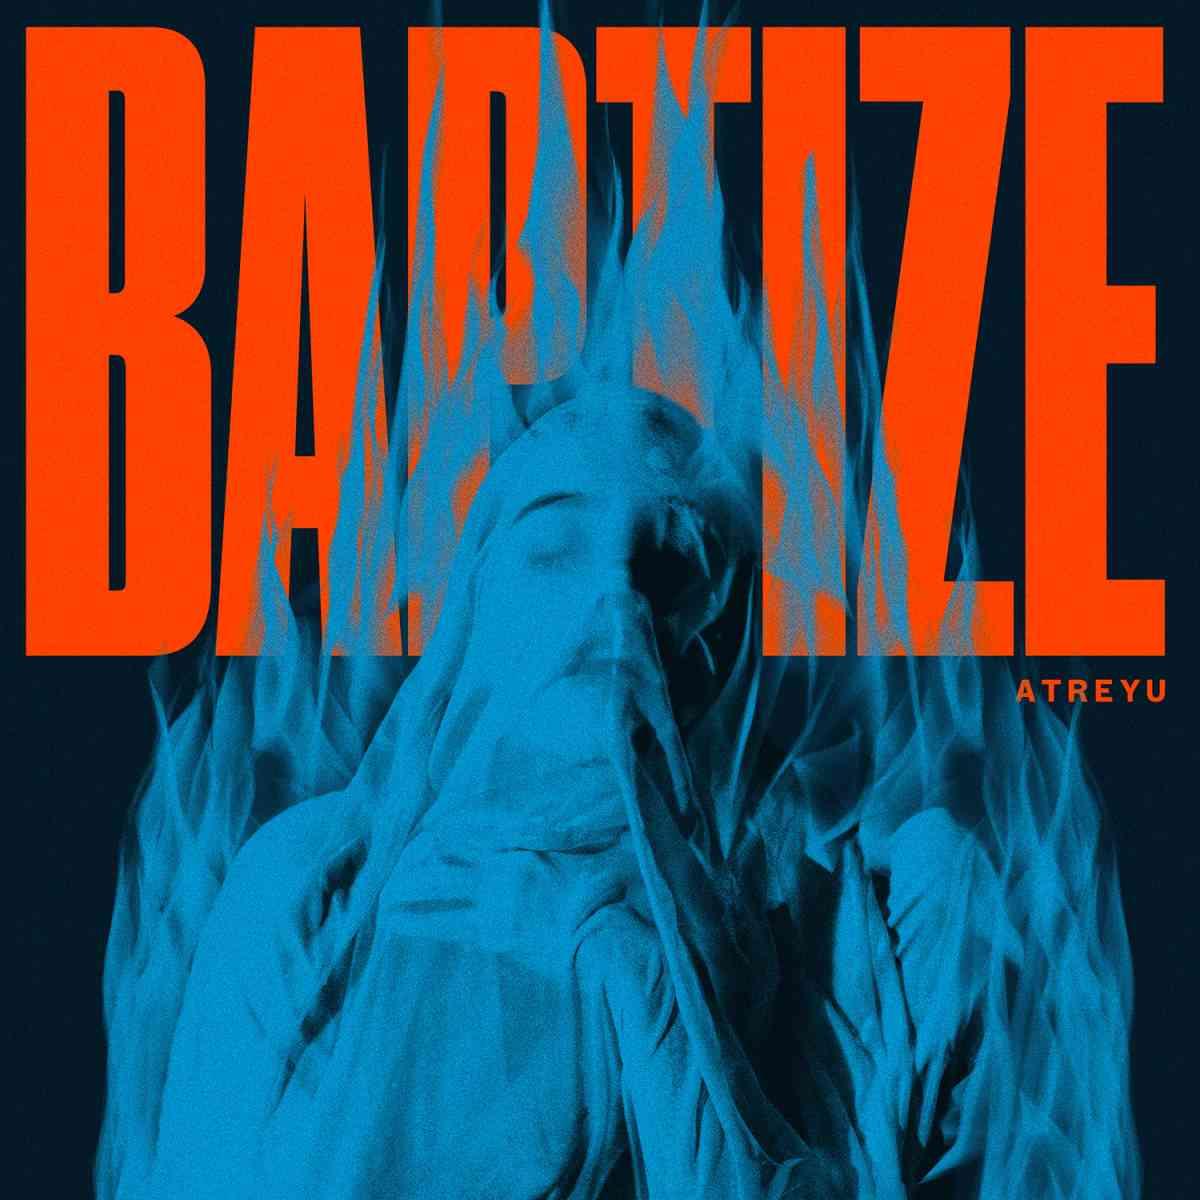 atreyu - babtize - album cover